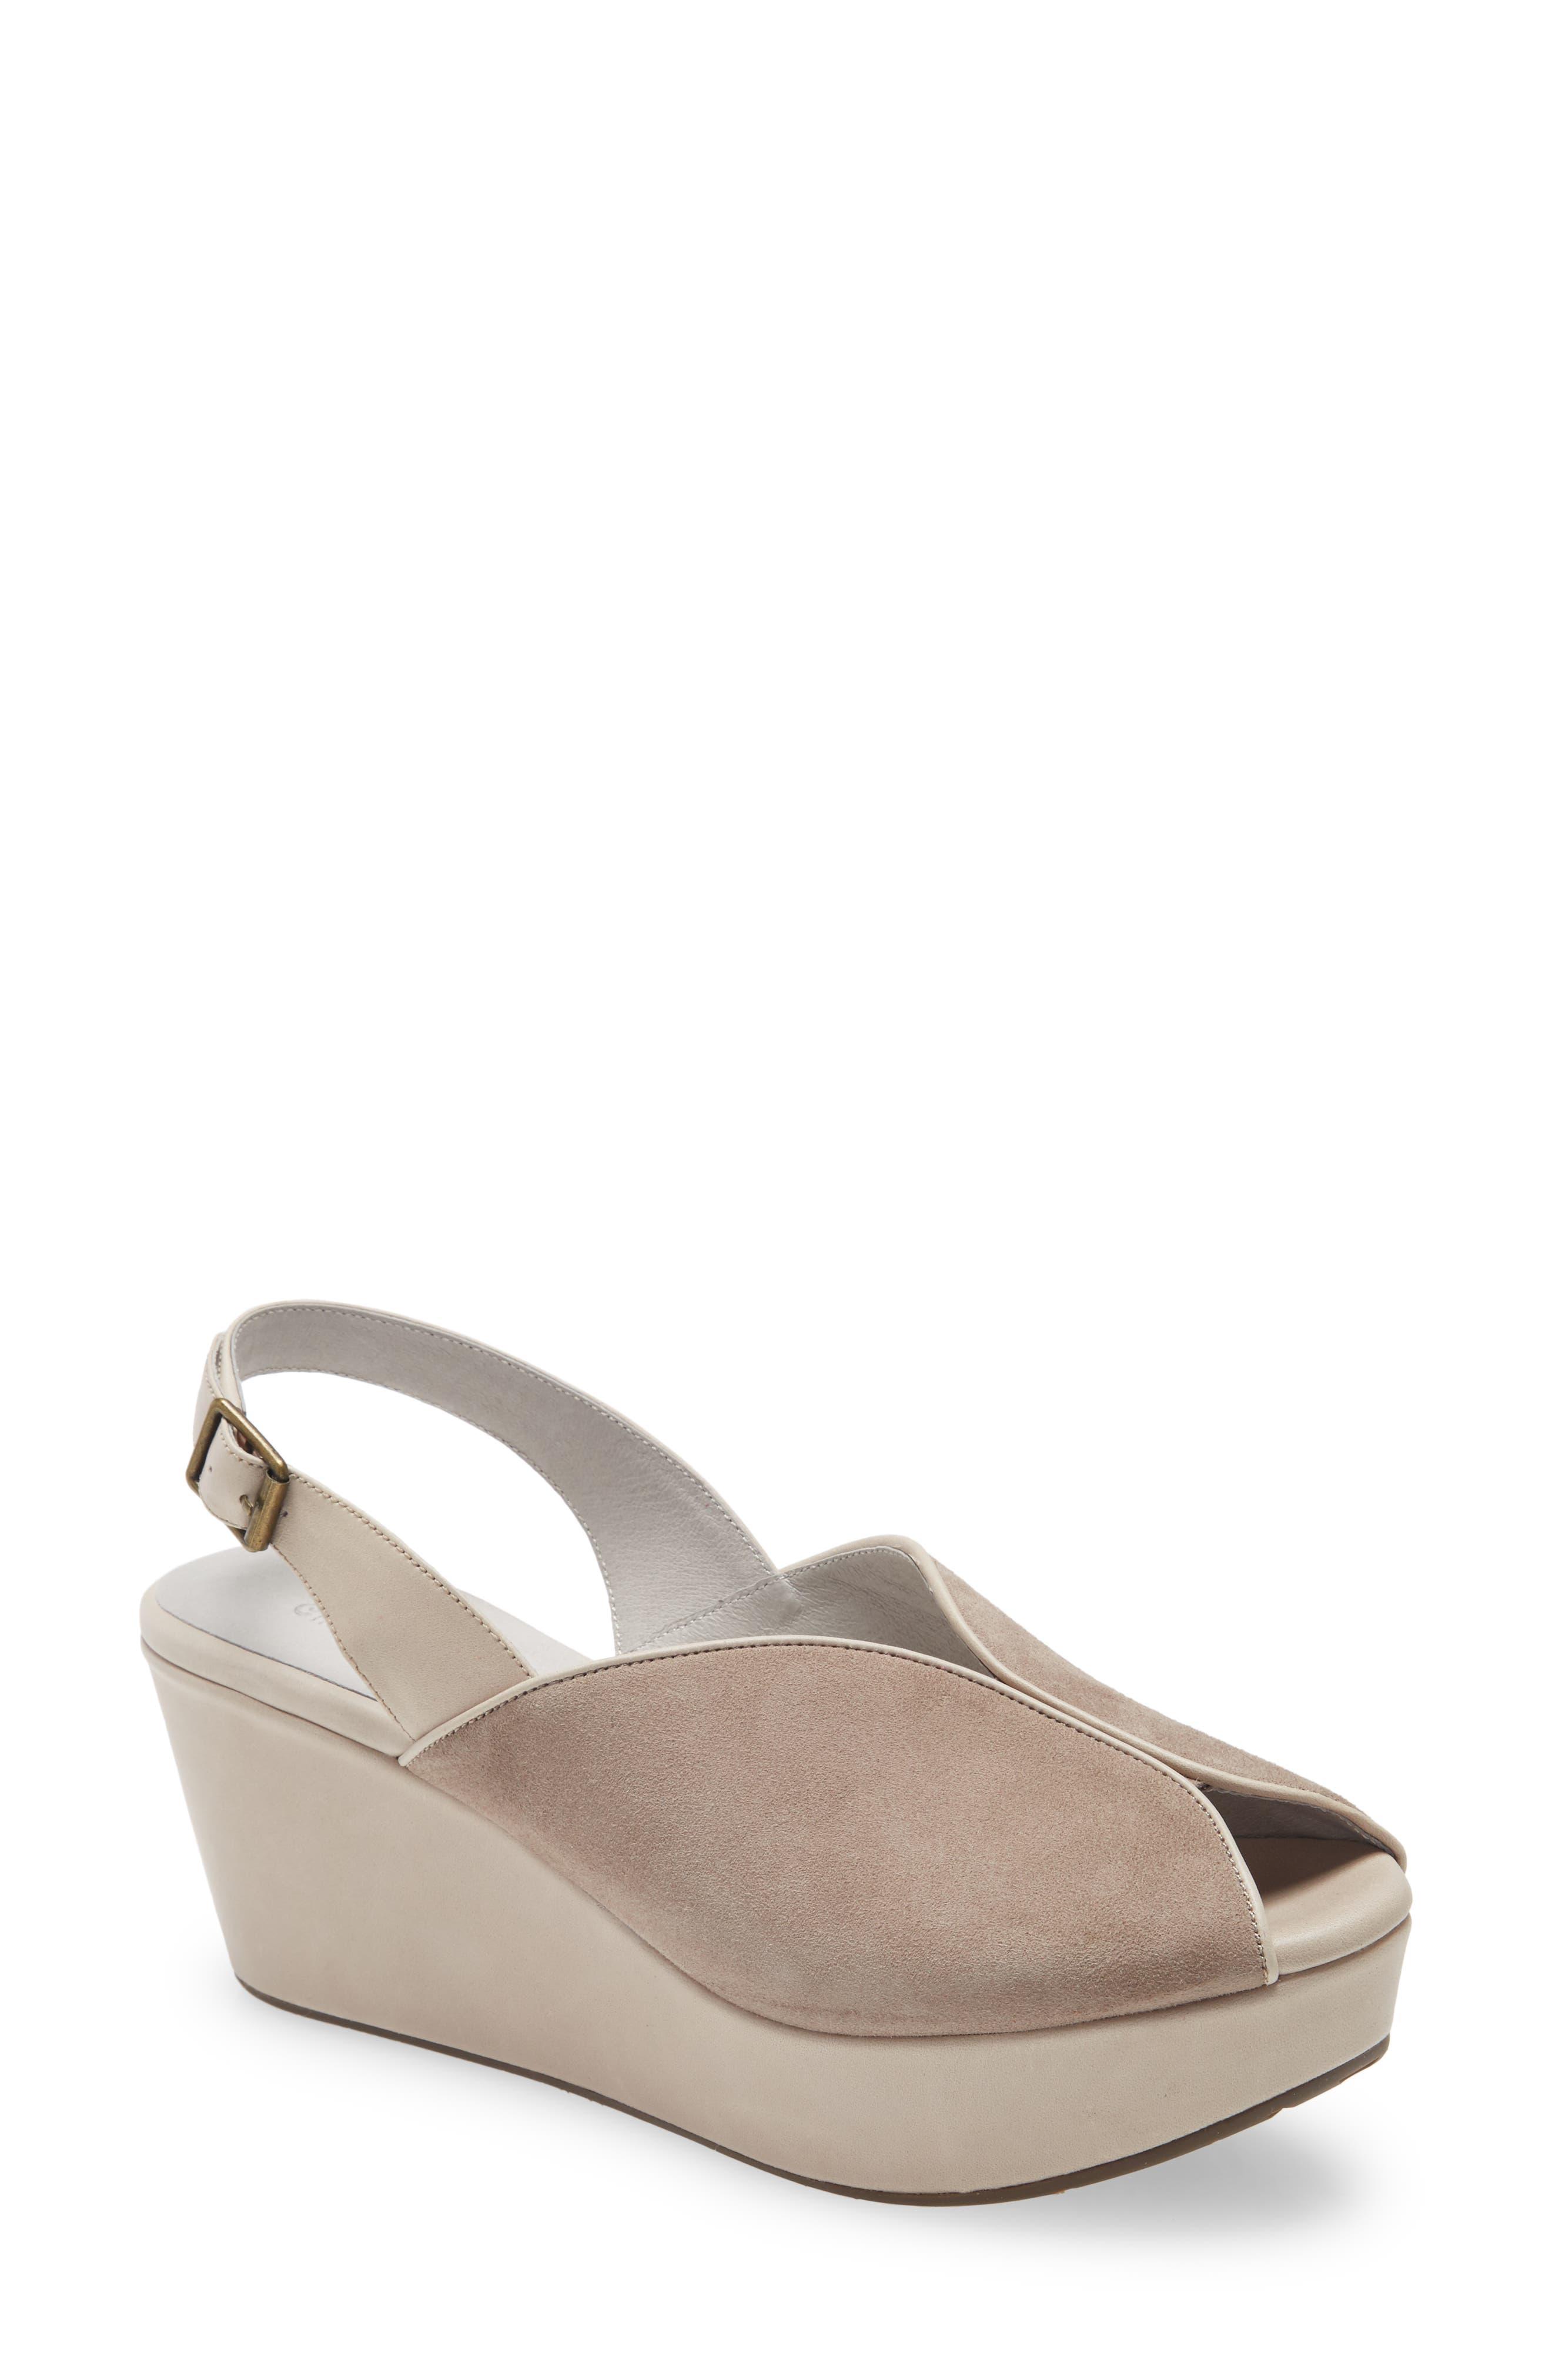 Walta Wedge Slingback Sandal